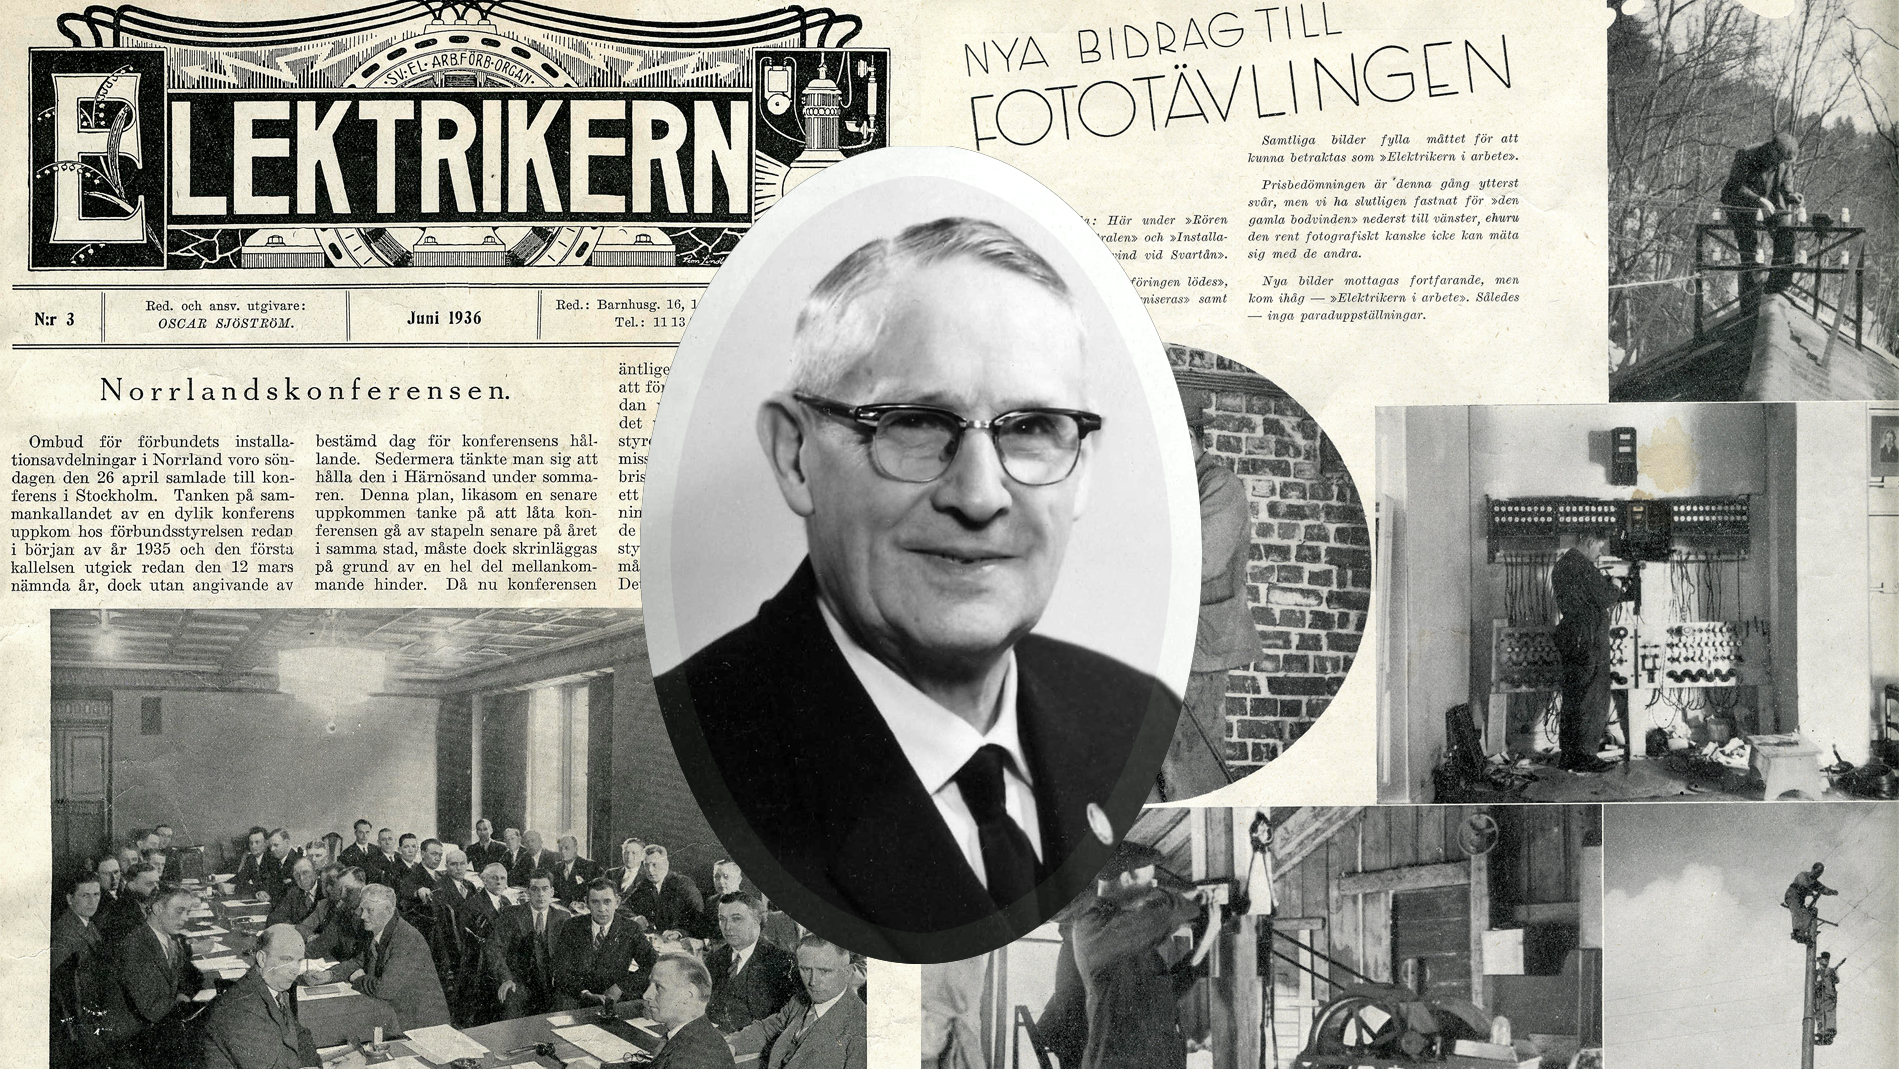 Bilden föreställer ett gulnat tidningsuppslag med rubrikerna Elektrikern, Norrlandskonferensen och Nya bidrag till fototävlingen. Över bilden är monterat ett svartvitt porträtt på Axel Kallenberg.